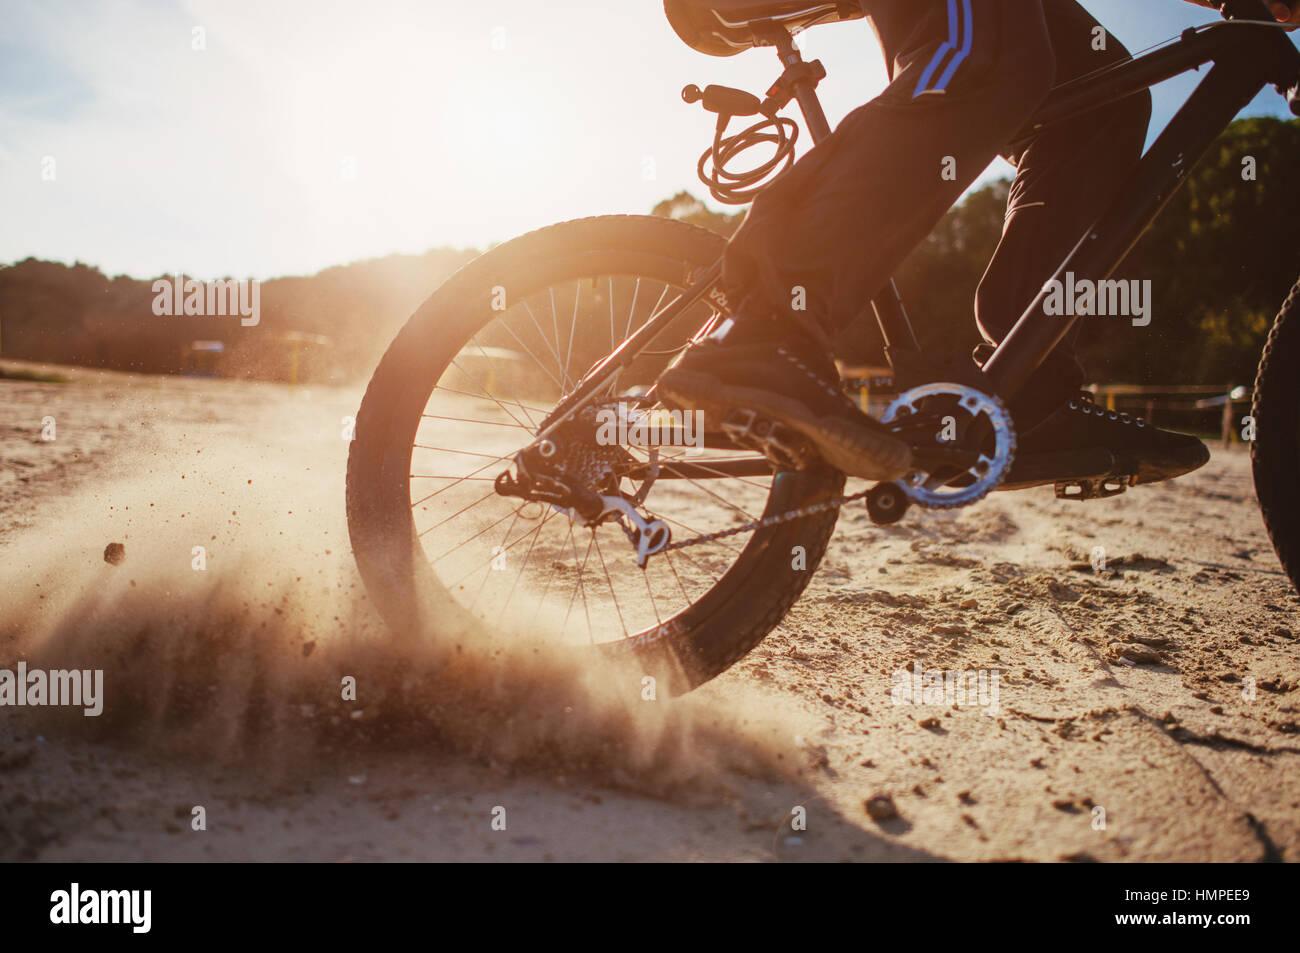 Uomo su una bicicletta Immagini Stock